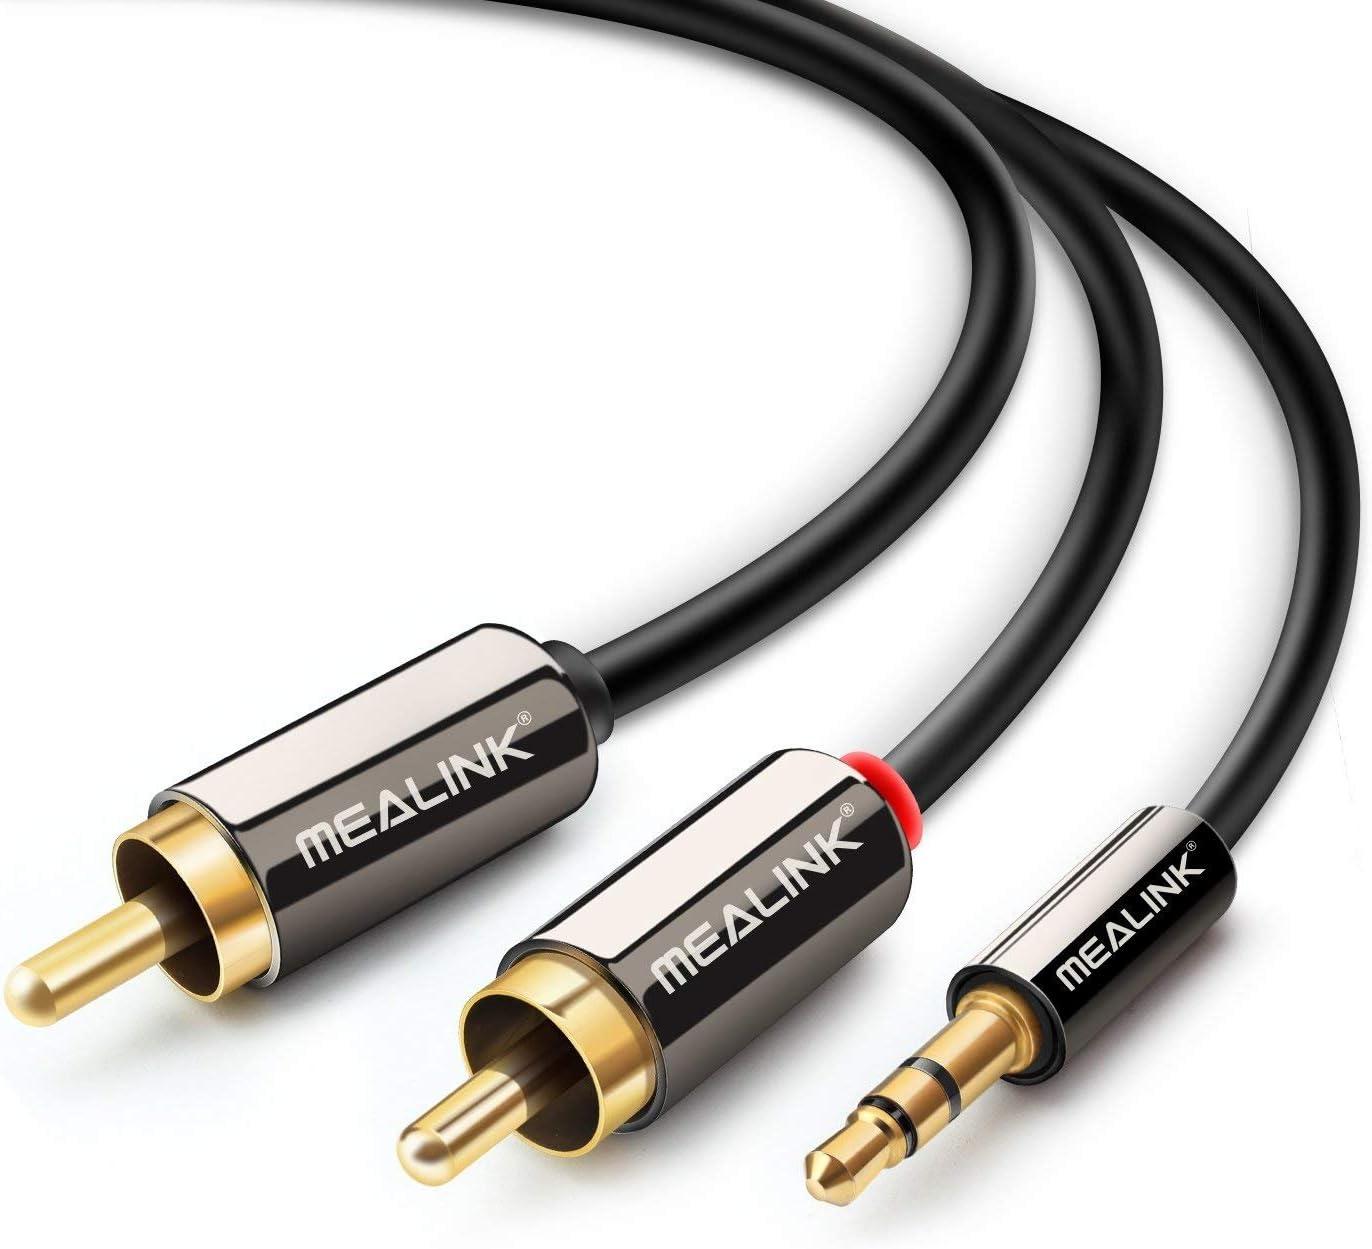 MEALINK Cable de audio 15 Ft/4.5M Jack de 3.5 mm a 2 RCA / Phono ...